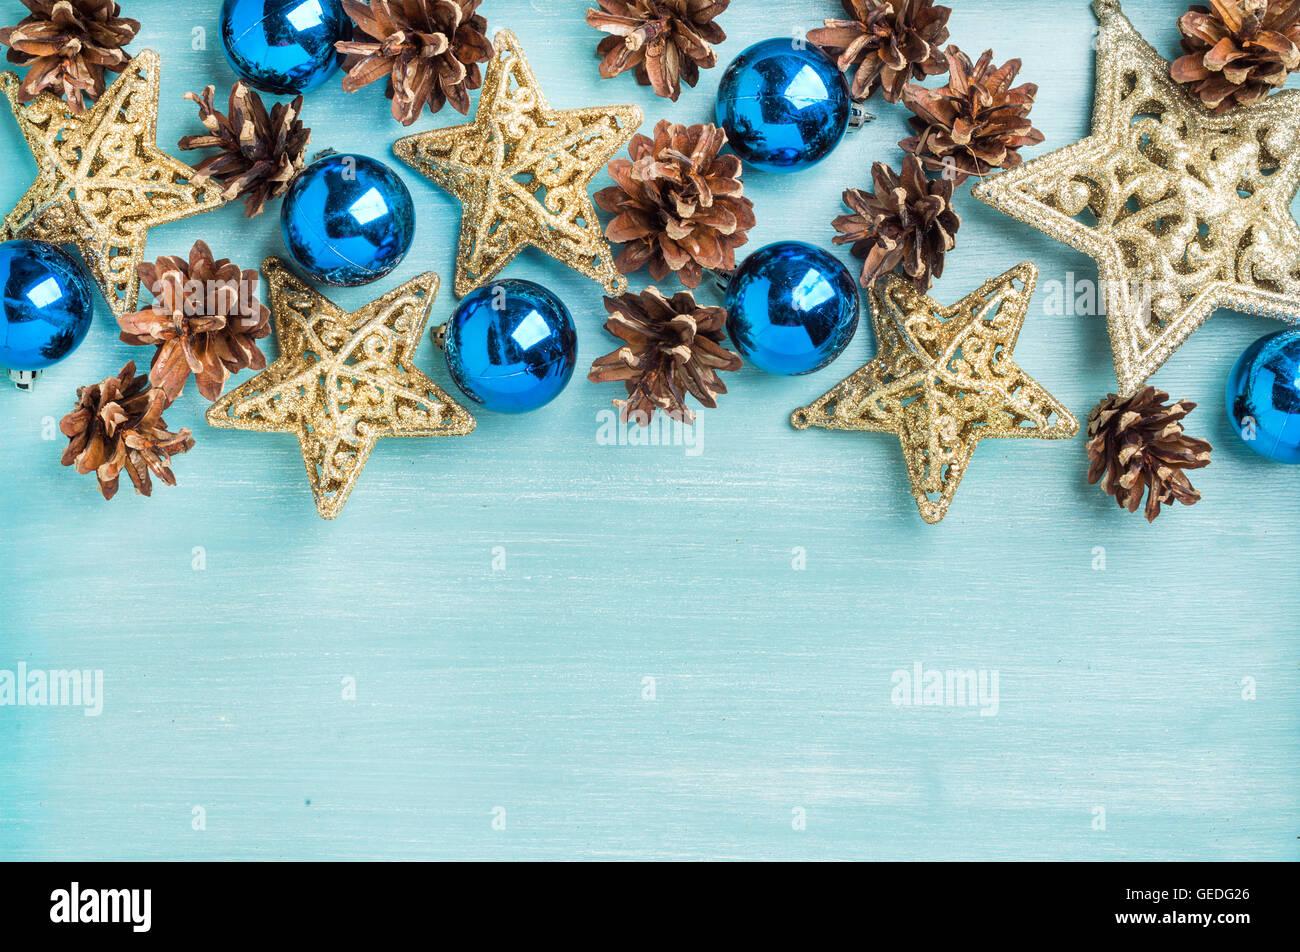 Natale o Capodanno decorazione sfondo: pigne, Blu sfere di vetro, stelle dorate su fondale dipinto, spazio di copia Immagini Stock